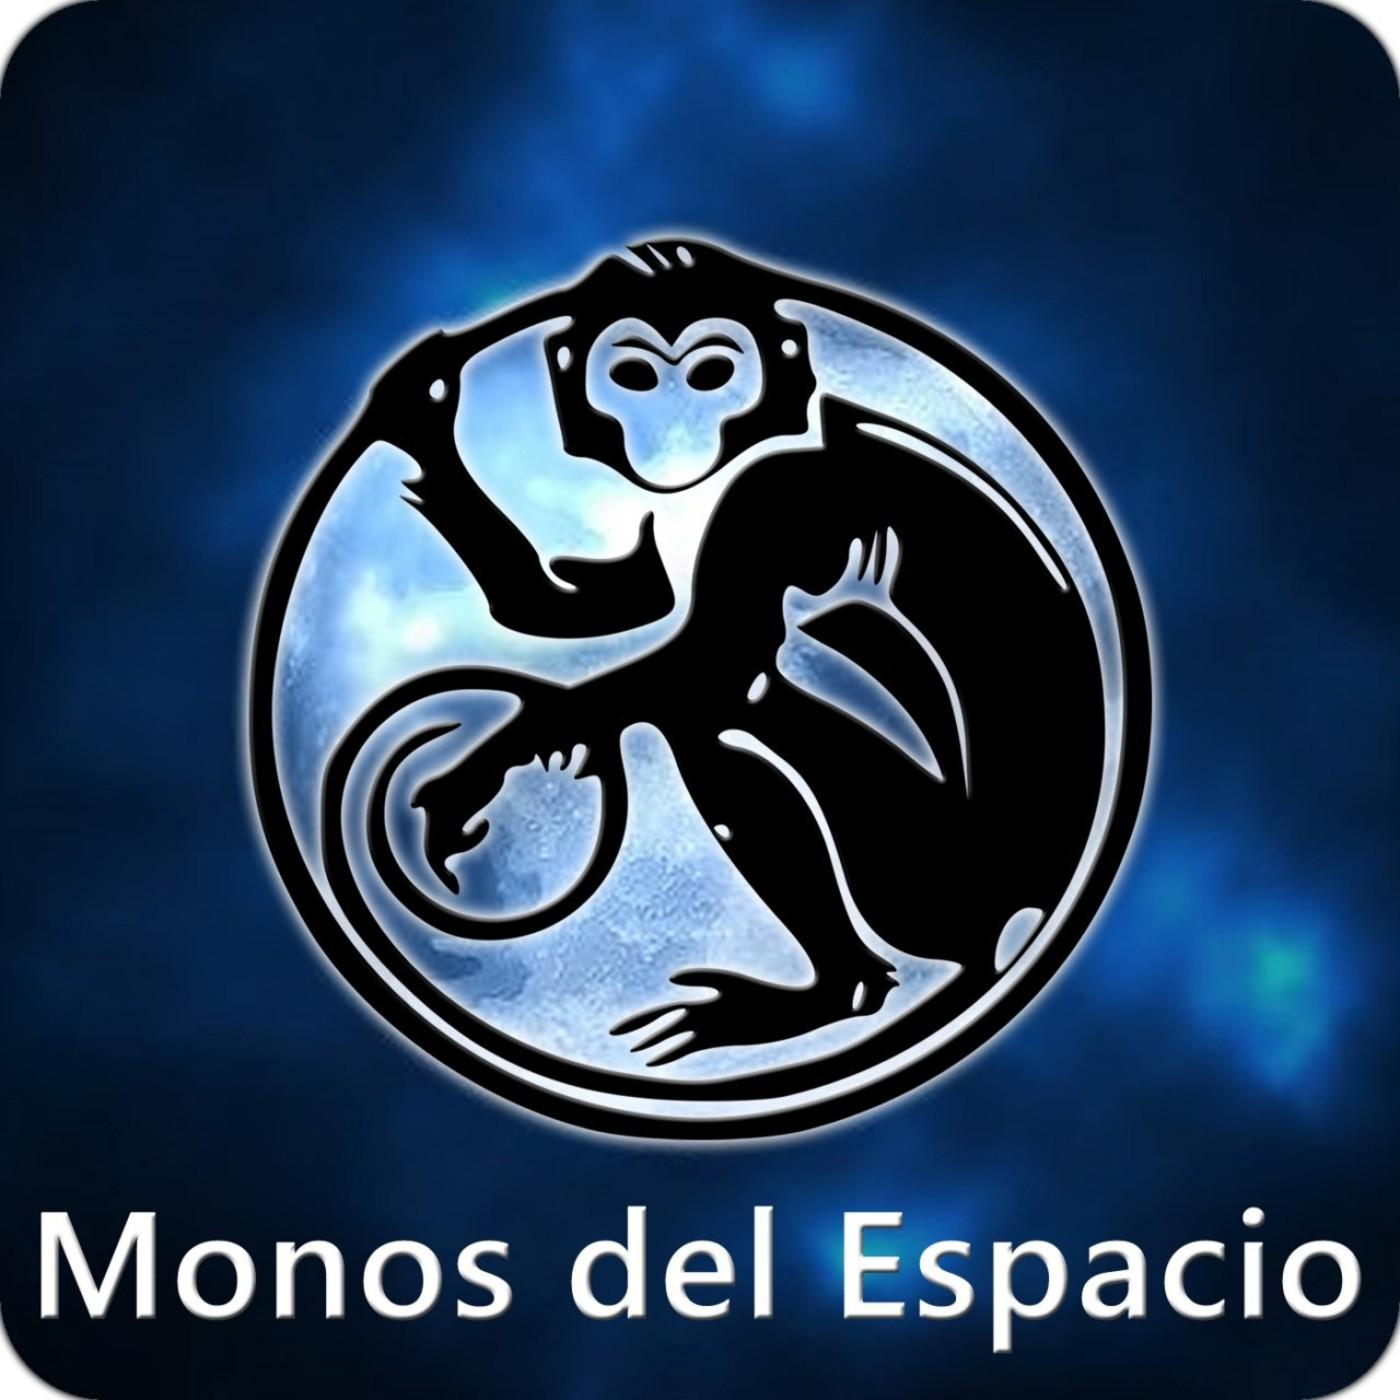 <![CDATA[Monos del Espacio ]]>